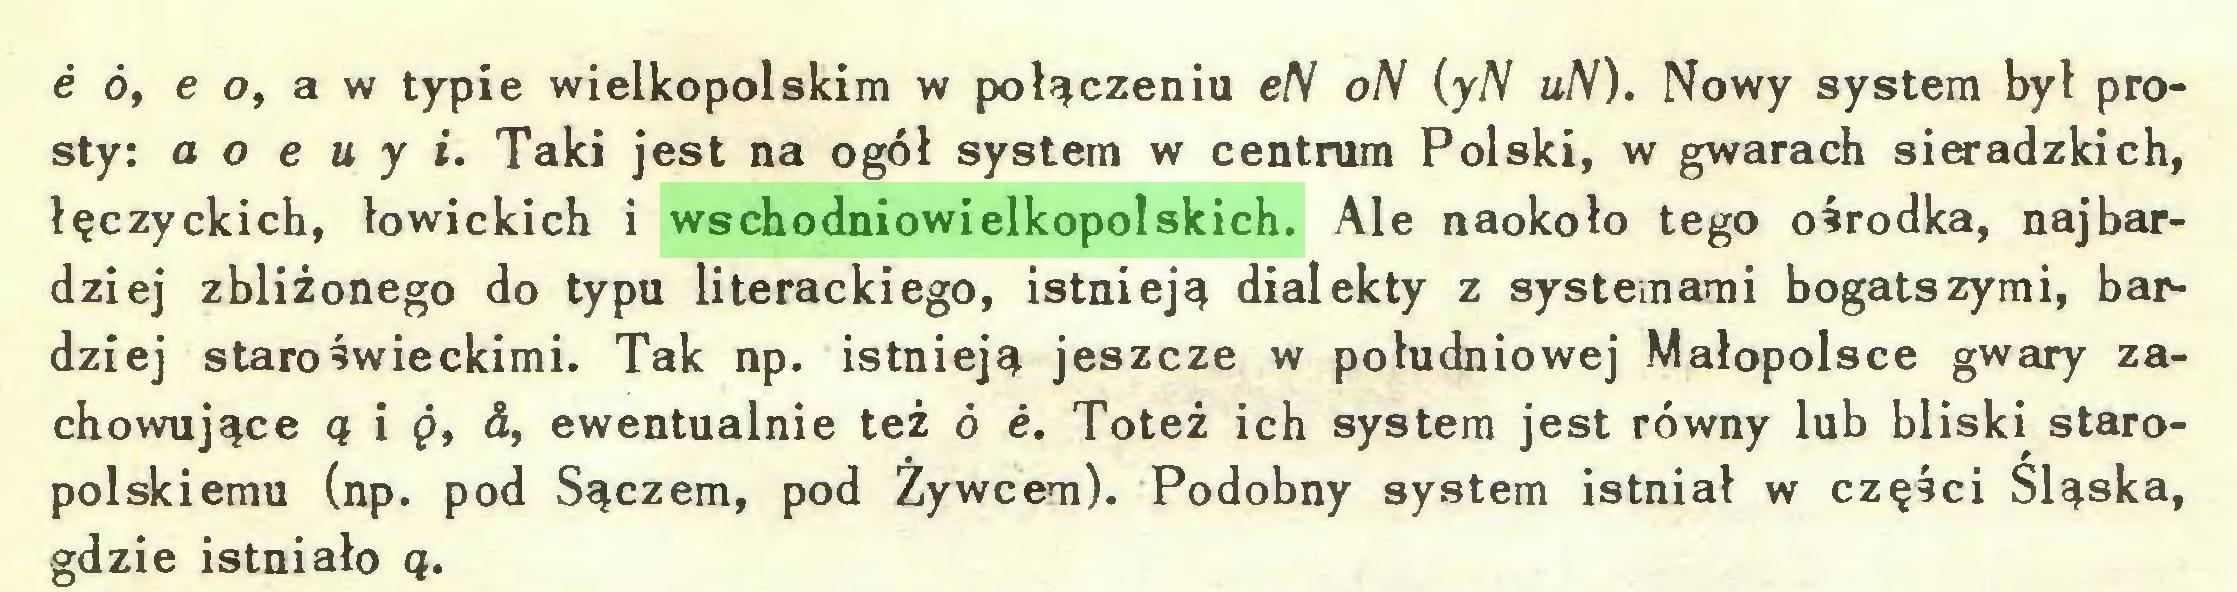 (...) e ó, e o, a w typie wielkopolskim w połączenia eN oN (yN uN). Nowy system był prosty: a o e u y i. Taki jest na ogół system w centrum Polski, w gwarach sieradzkich, łęczyckich, łowickich i wschodniowielkopolskich. Ale naokoło tego ośrodka, najbardziej zbliżonego do typu literackiego, istnieją dialekty z systemami bogatszymi, bardziej staroświeckimi. Tak np. istnieją jeszcze w południowej Małopolsce gwary zachowujące ą i g, &, ewentualnie też ó e. Toteż ich system jest równy lub bliski staropolskiemu (np. pod Sączem, pod Żywcem). Podobny system istniał w części Śląska, gdzie istniało ą...